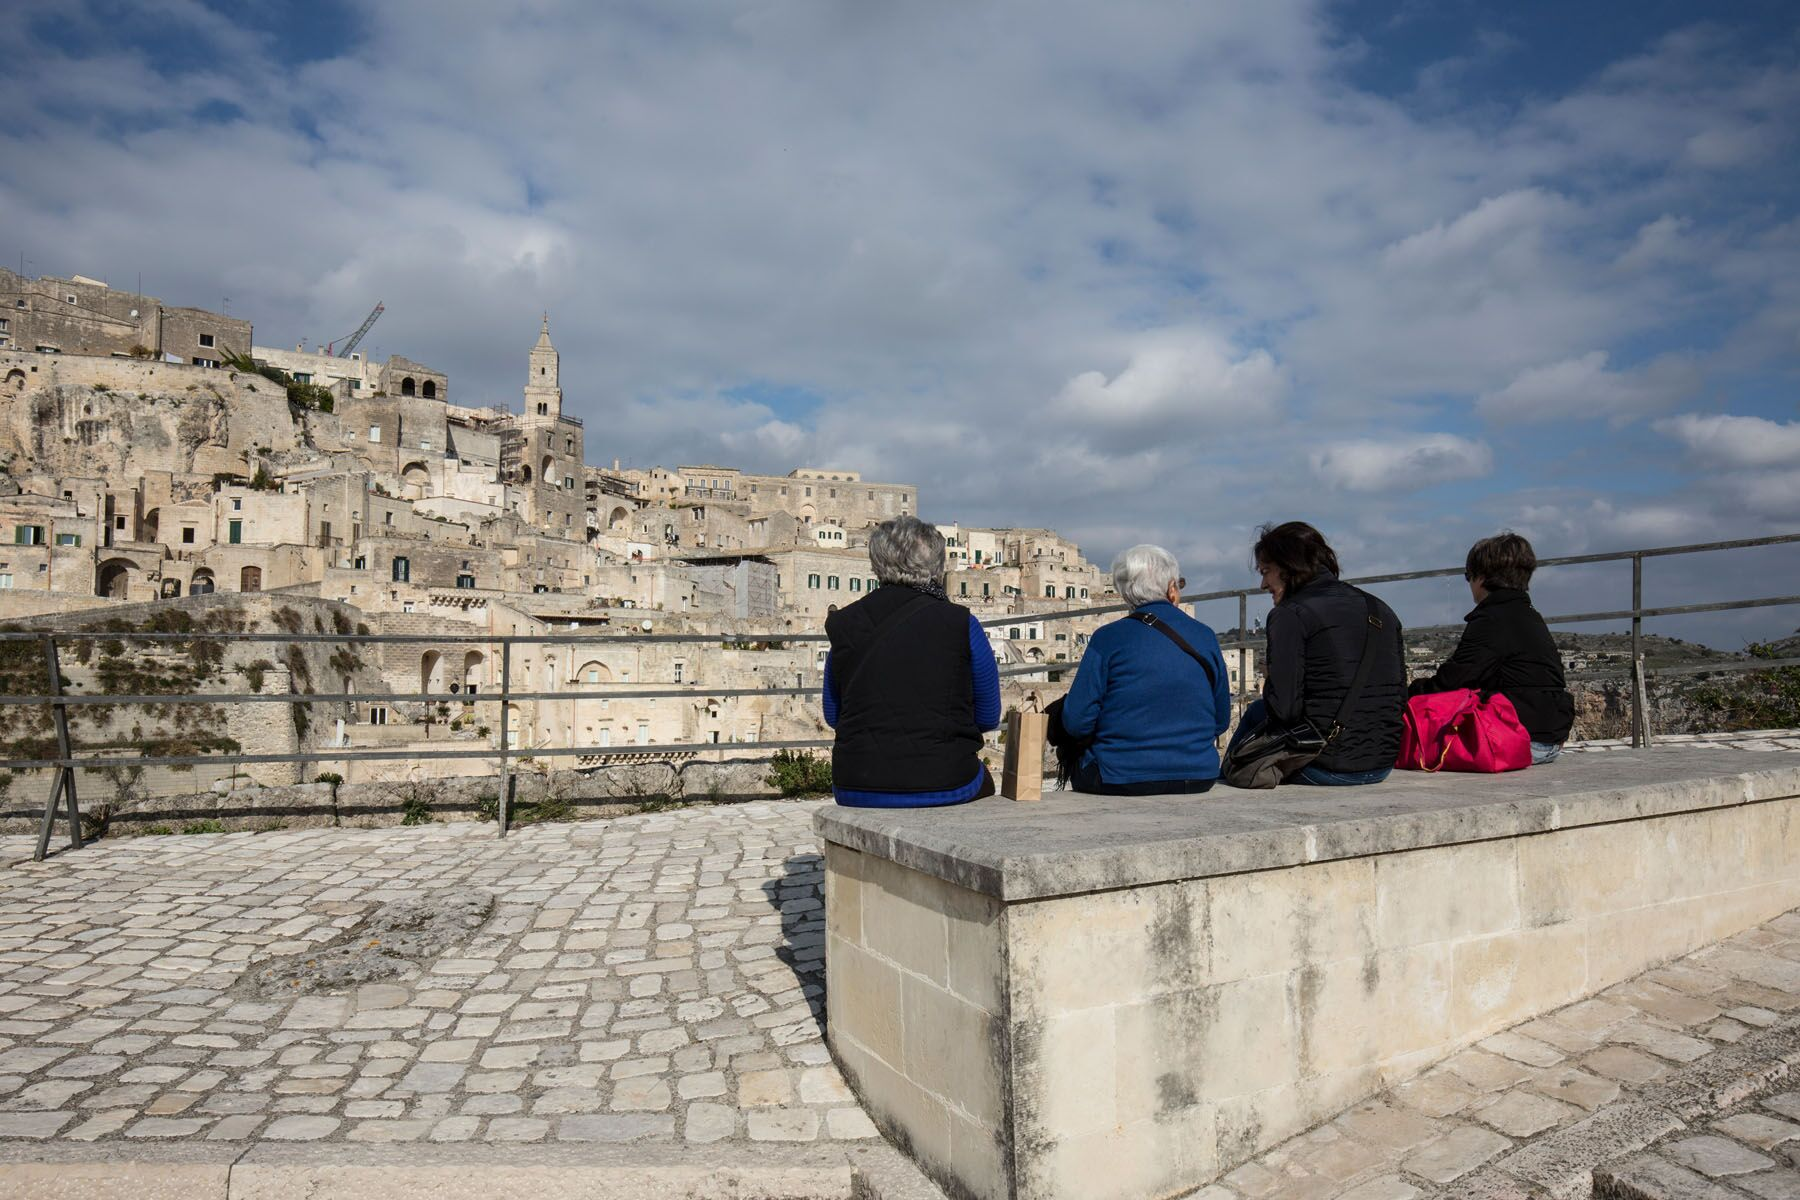 Essere di Matera: anziani su una panchina di pietra che osservano la città